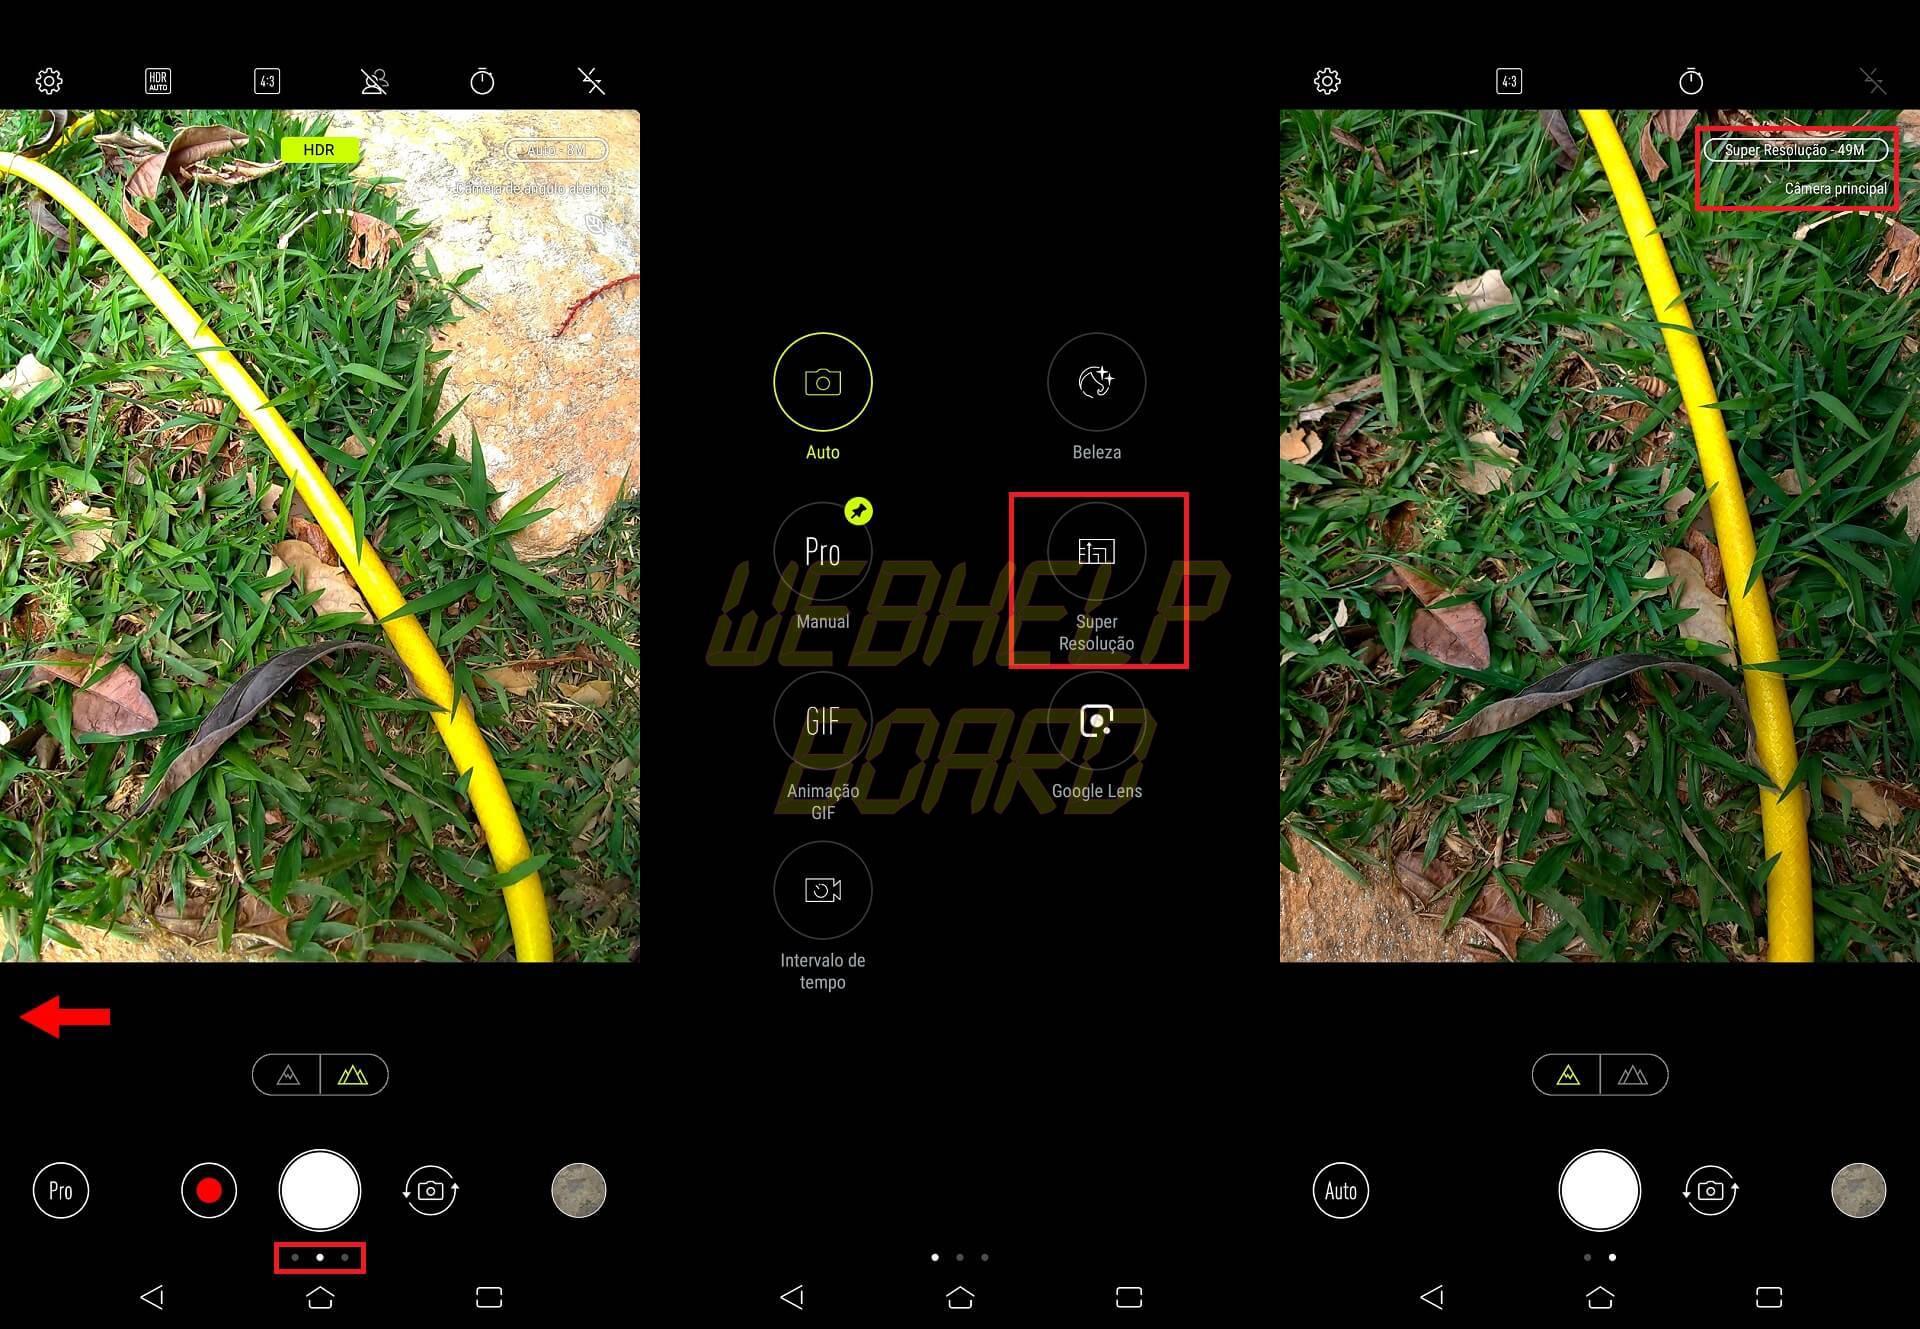 IMG 3 1 - Descubra 23 dicas e truques para os Asus Zenfone 5 e Zenfone 5Z